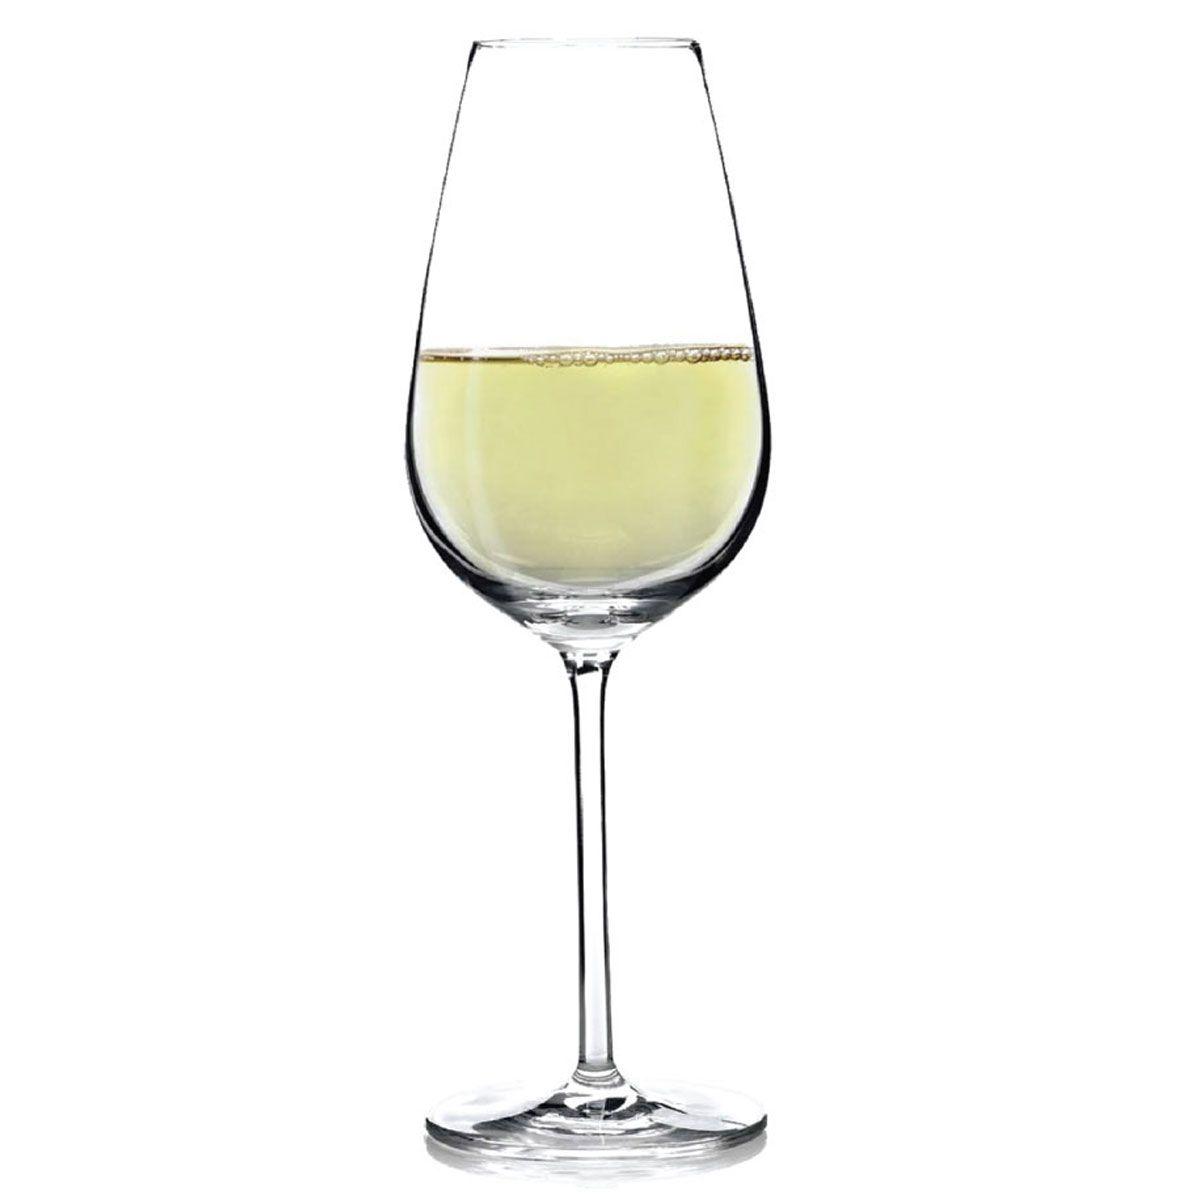 Jogo de Taça de Vinho Branco Aspergo Cristal 370ml 2 Pcs